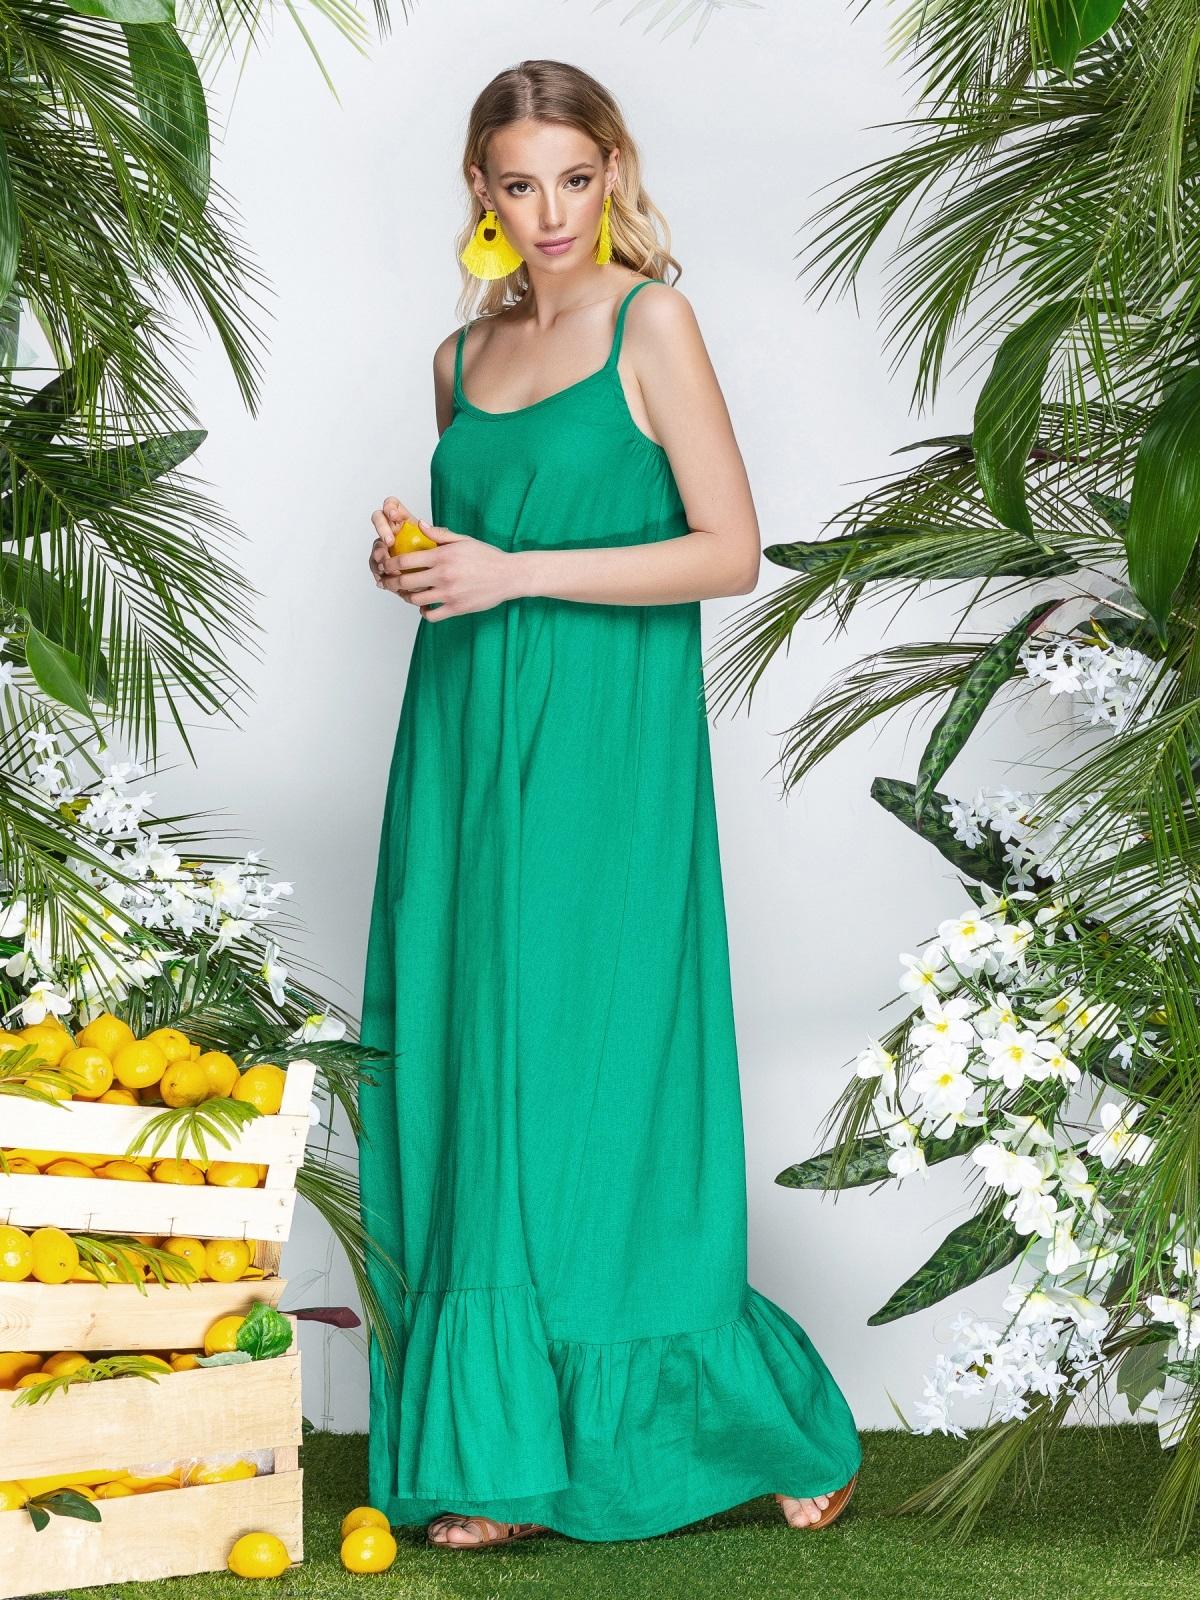 Сарафан из льна в этно-стиле с оборкой по низу зеленый - 21937, фото 1 – интернет-магазин Dressa